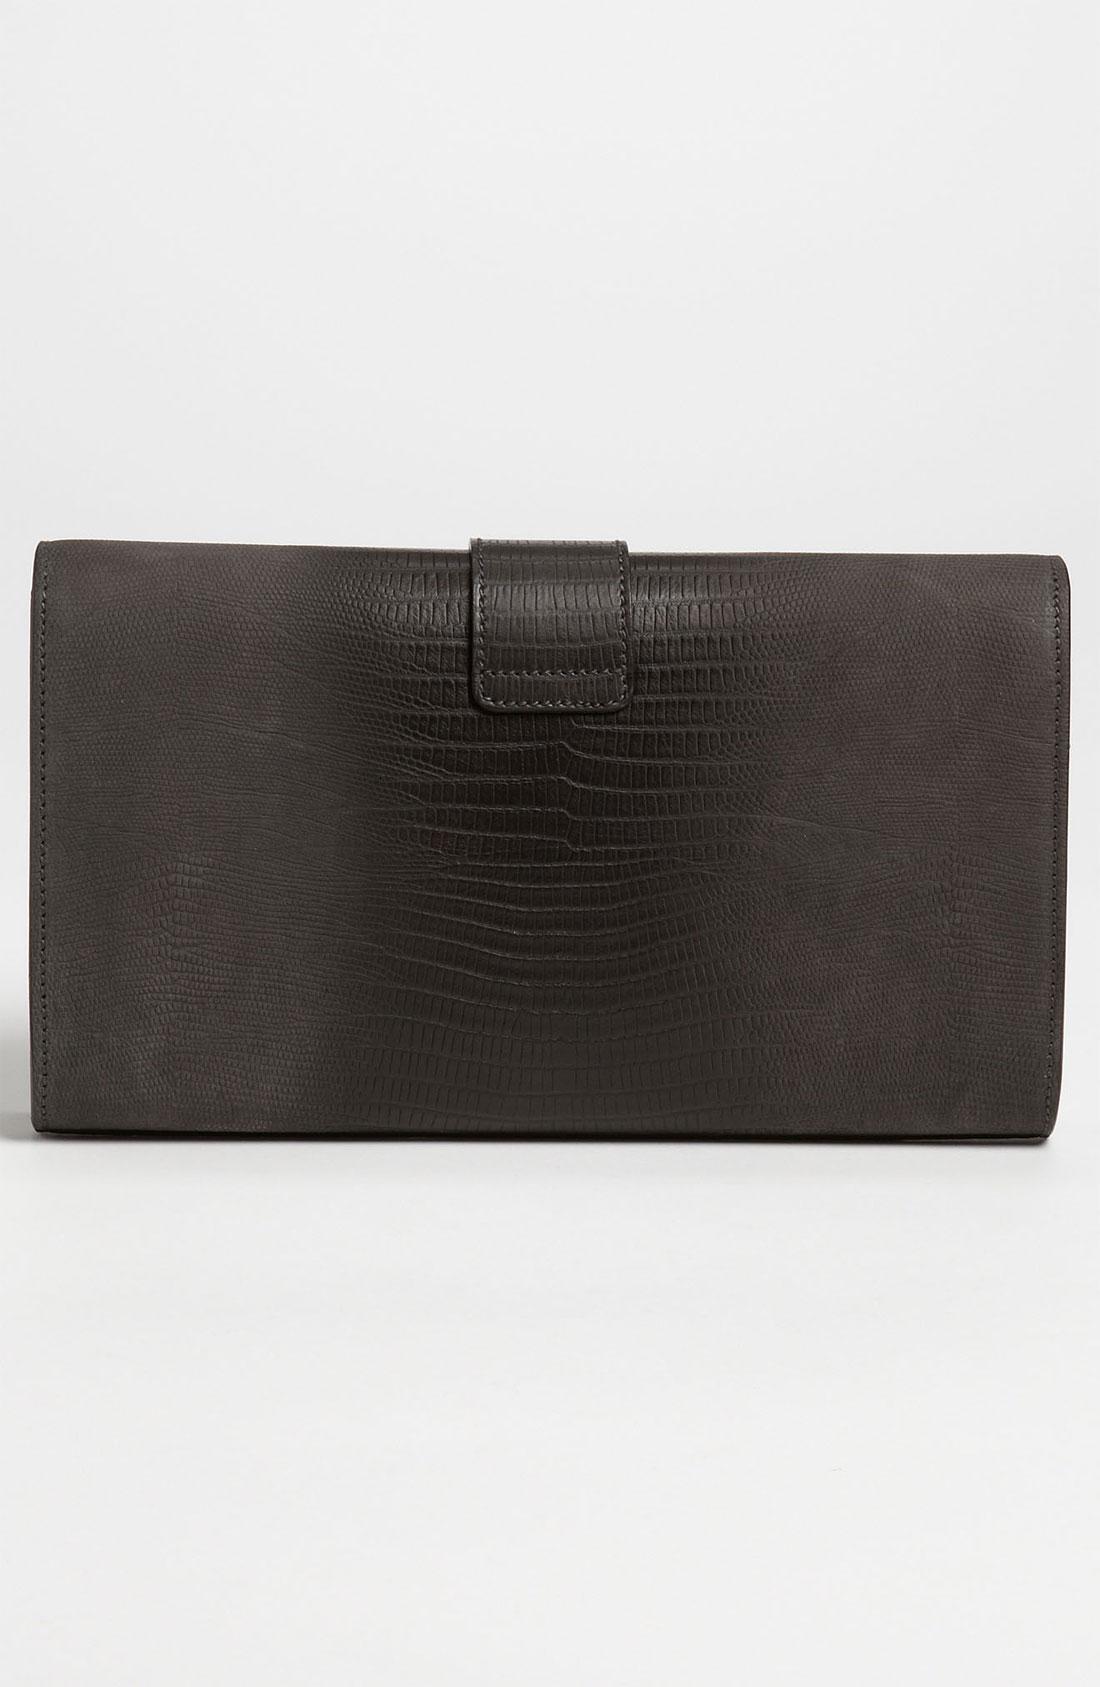 yves saint laurent bags uk - yves saint laurent lizard leather shoulder clutch, east st laurent ...